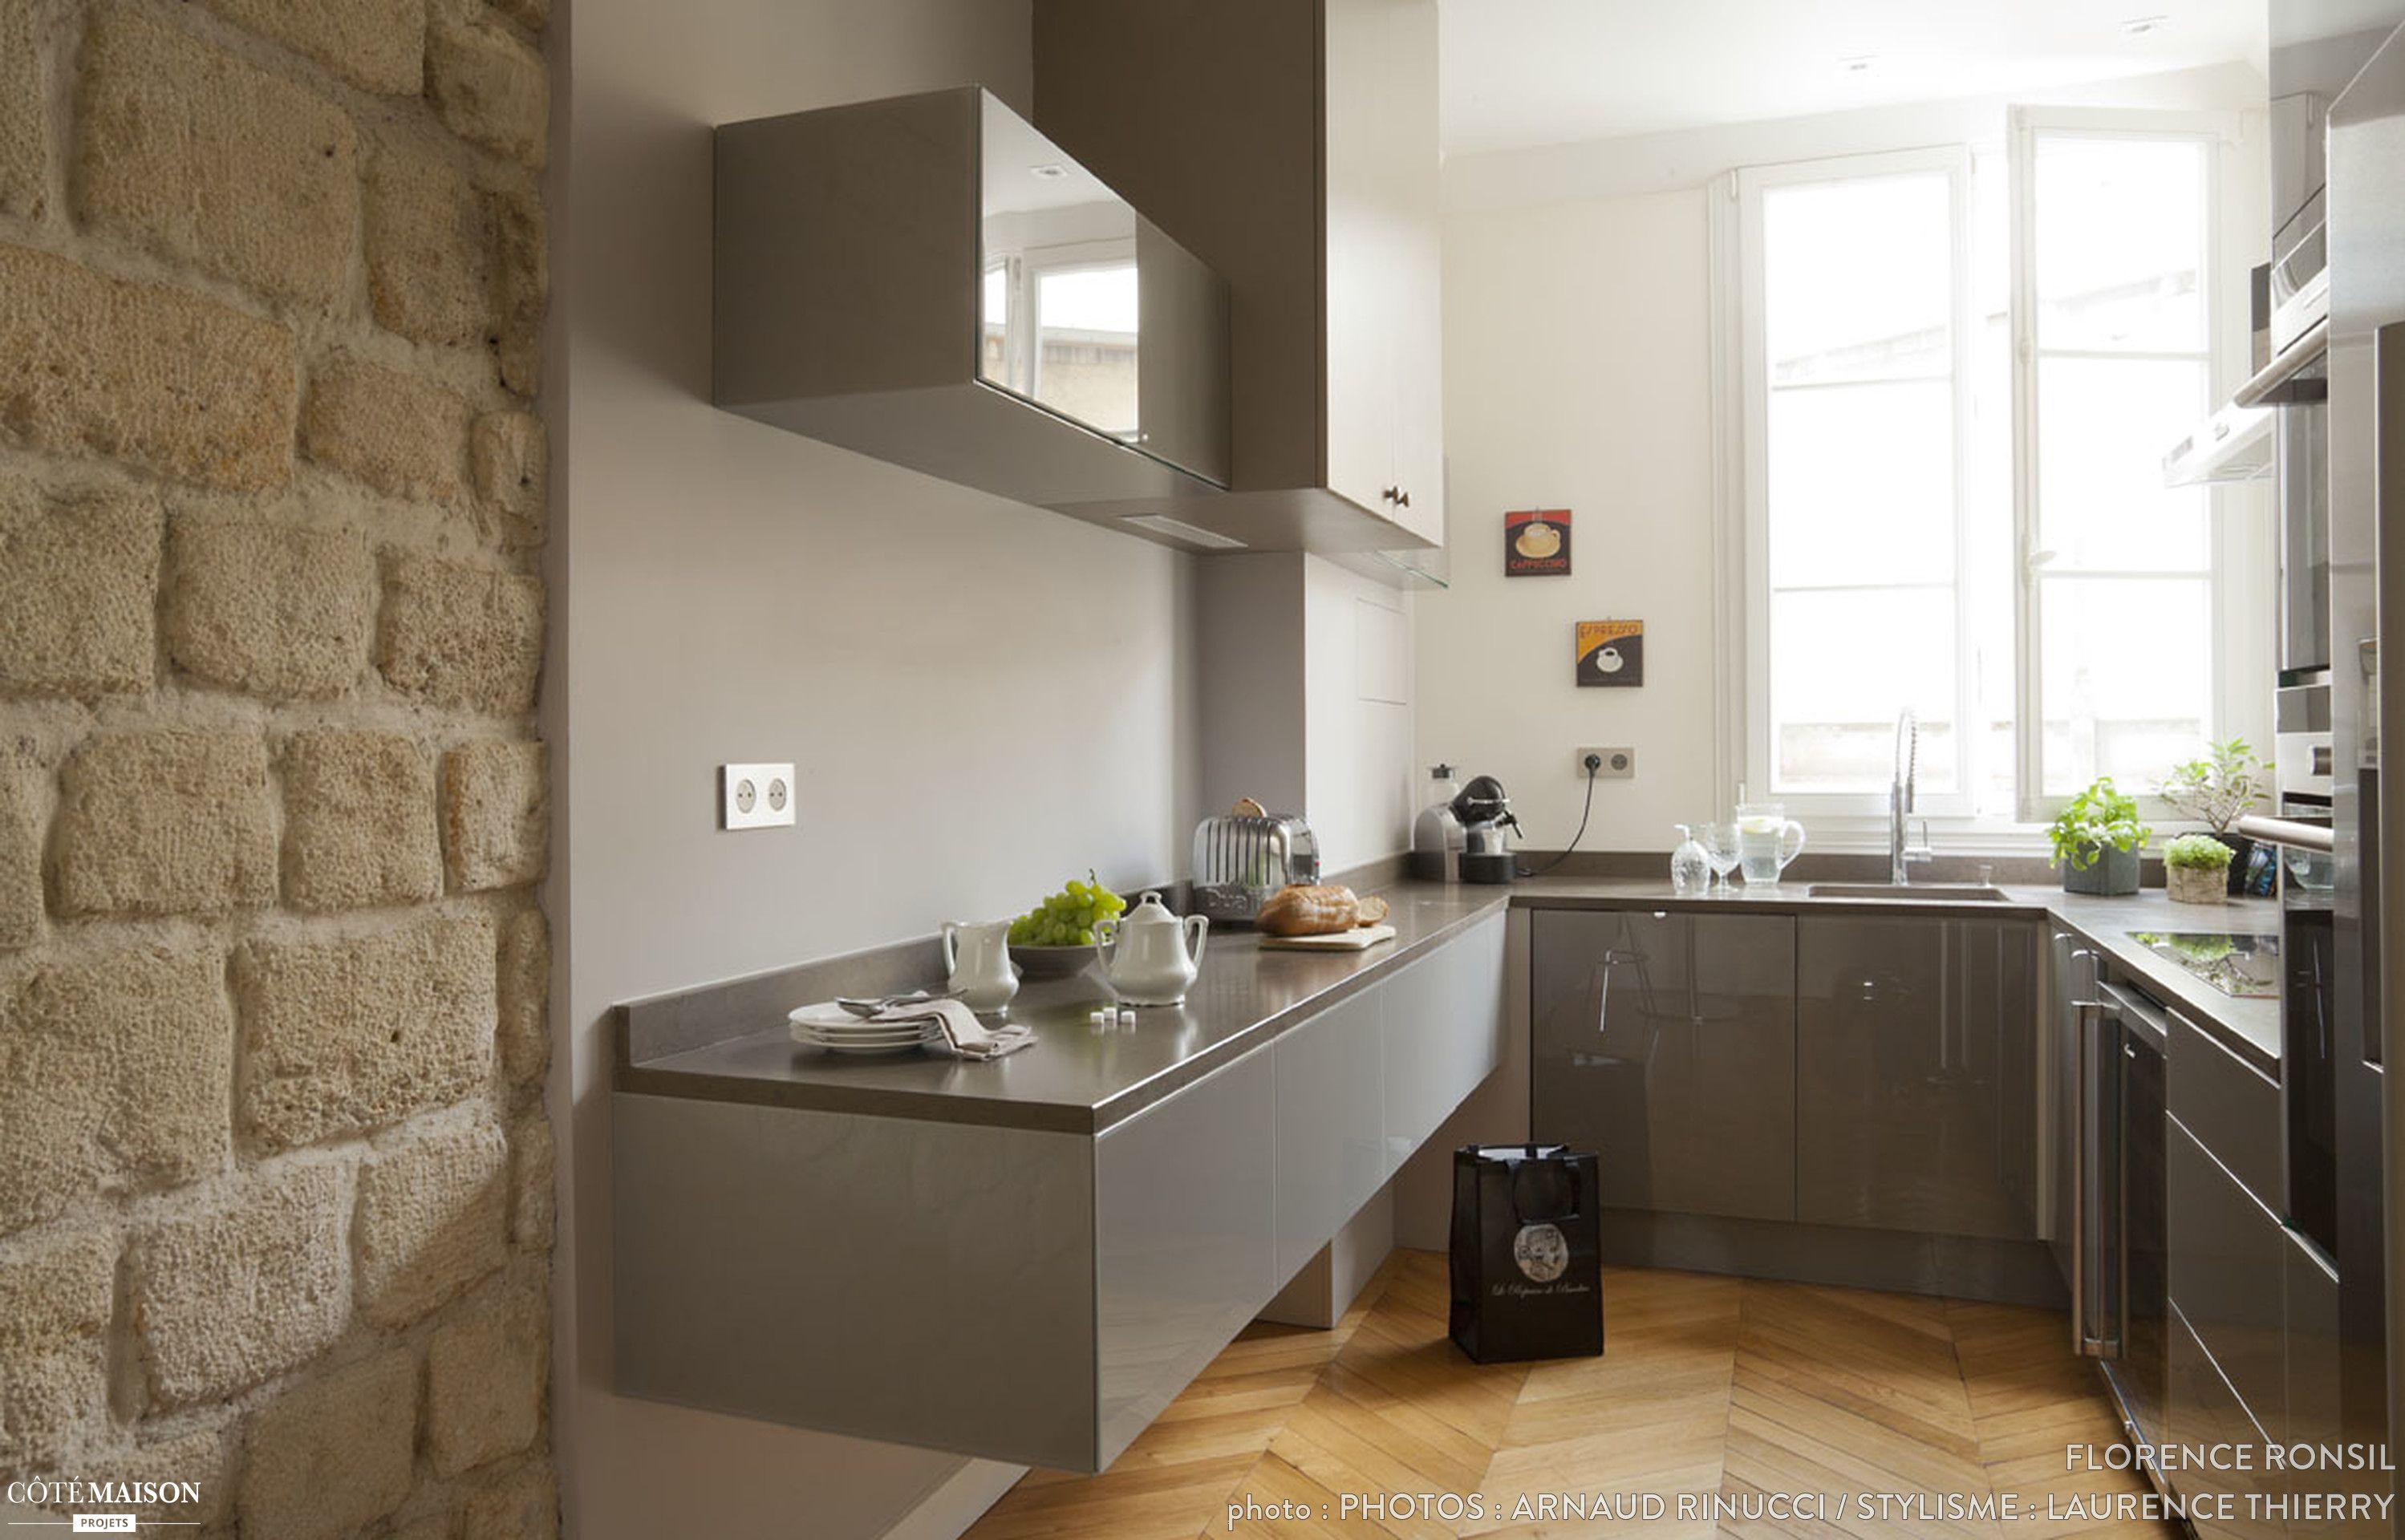 un appartement haussmannien remis au go t du jour paris florence ronsil architecte d. Black Bedroom Furniture Sets. Home Design Ideas